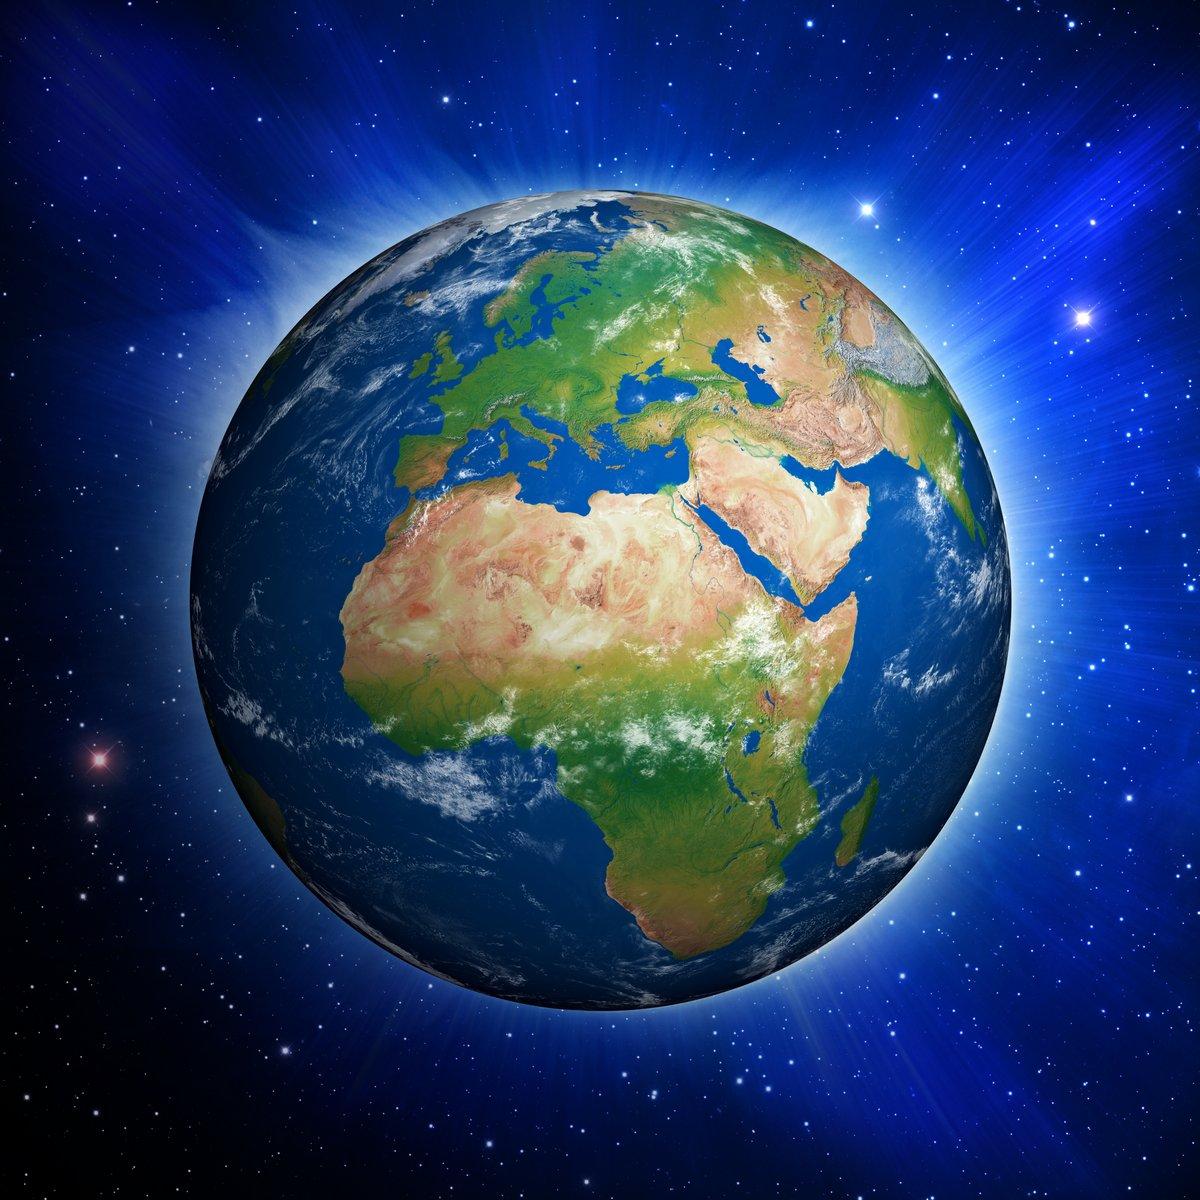 Постер Космос - разные постеры Планета Земля, показывая, Европы и АфрикиКосмос - разные постеры<br>Постер на холсте или бумаге. Любого нужного вам размера. В раме или без. Подвес в комплекте. Трехслойная надежная упаковка. Доставим в любую точку России. Вам осталось только повесить картину на стену!<br>